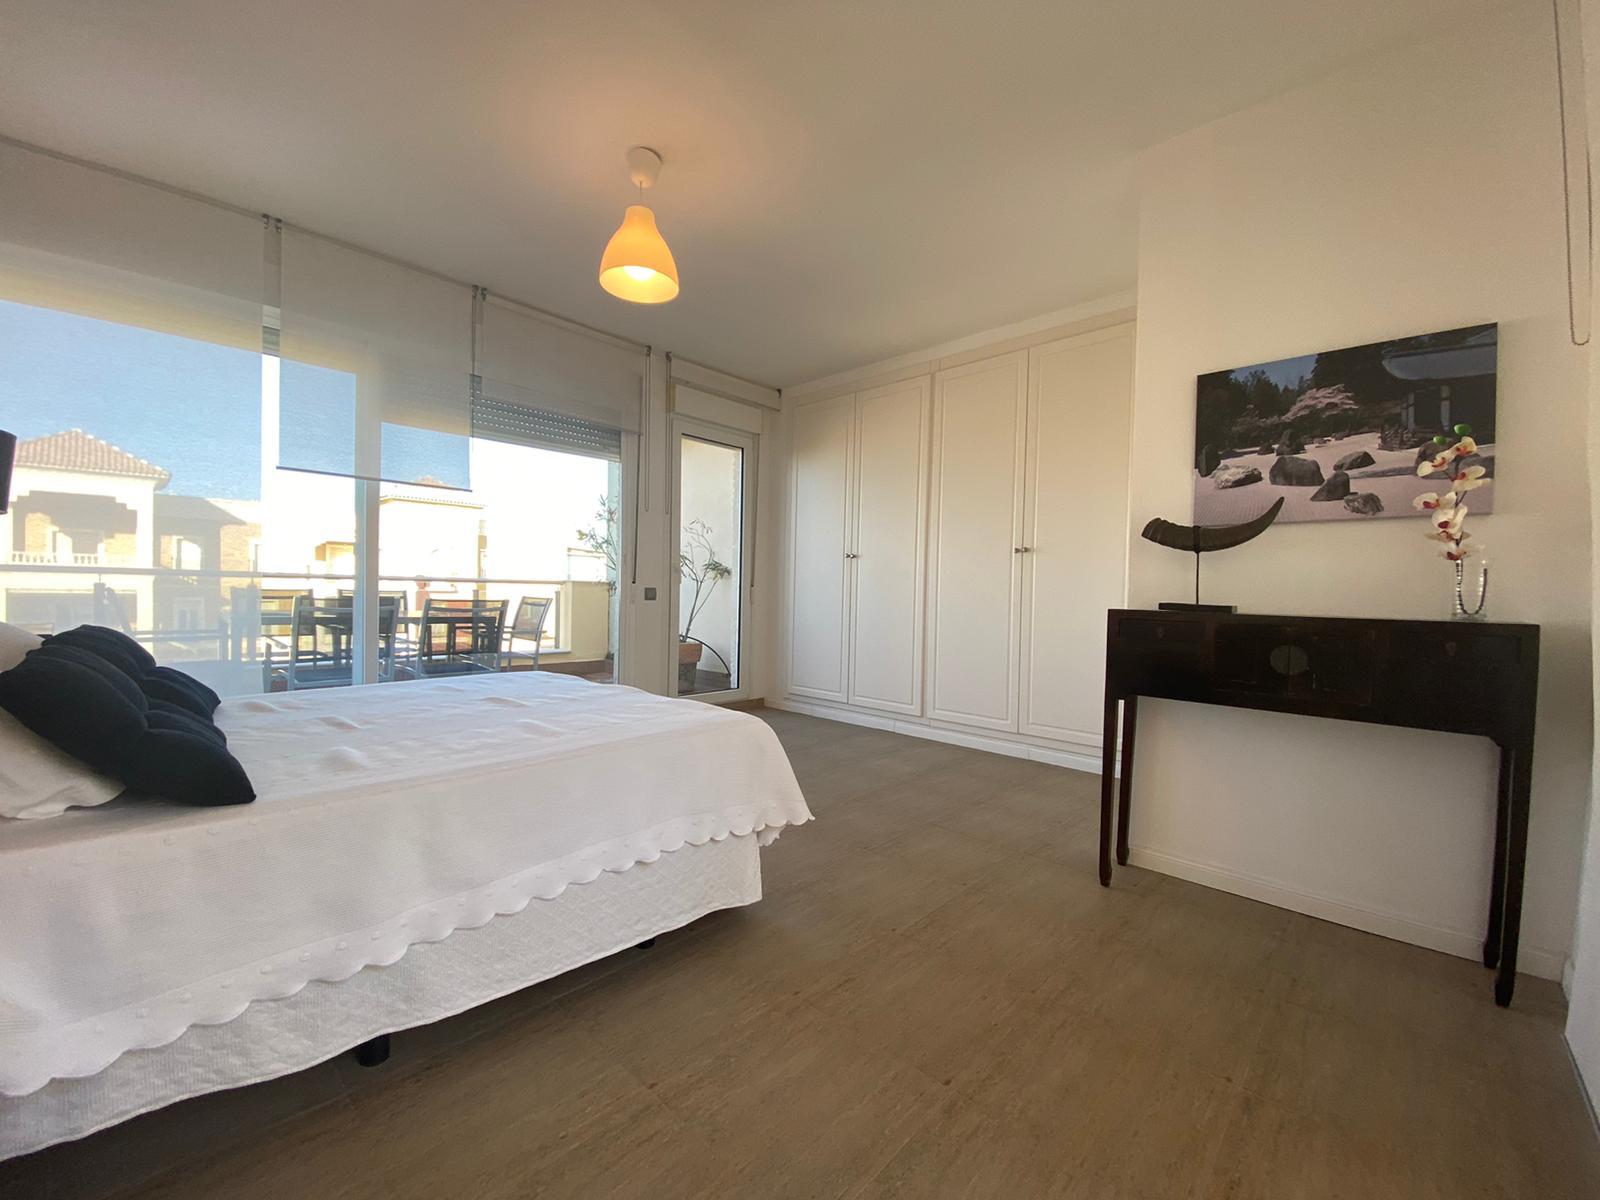 Imagen 24 del Apartamento Turístico, Ático 6 Levante (3d+2b), Punta del Moral (HUELVA), Paseo de la Cruz nº22